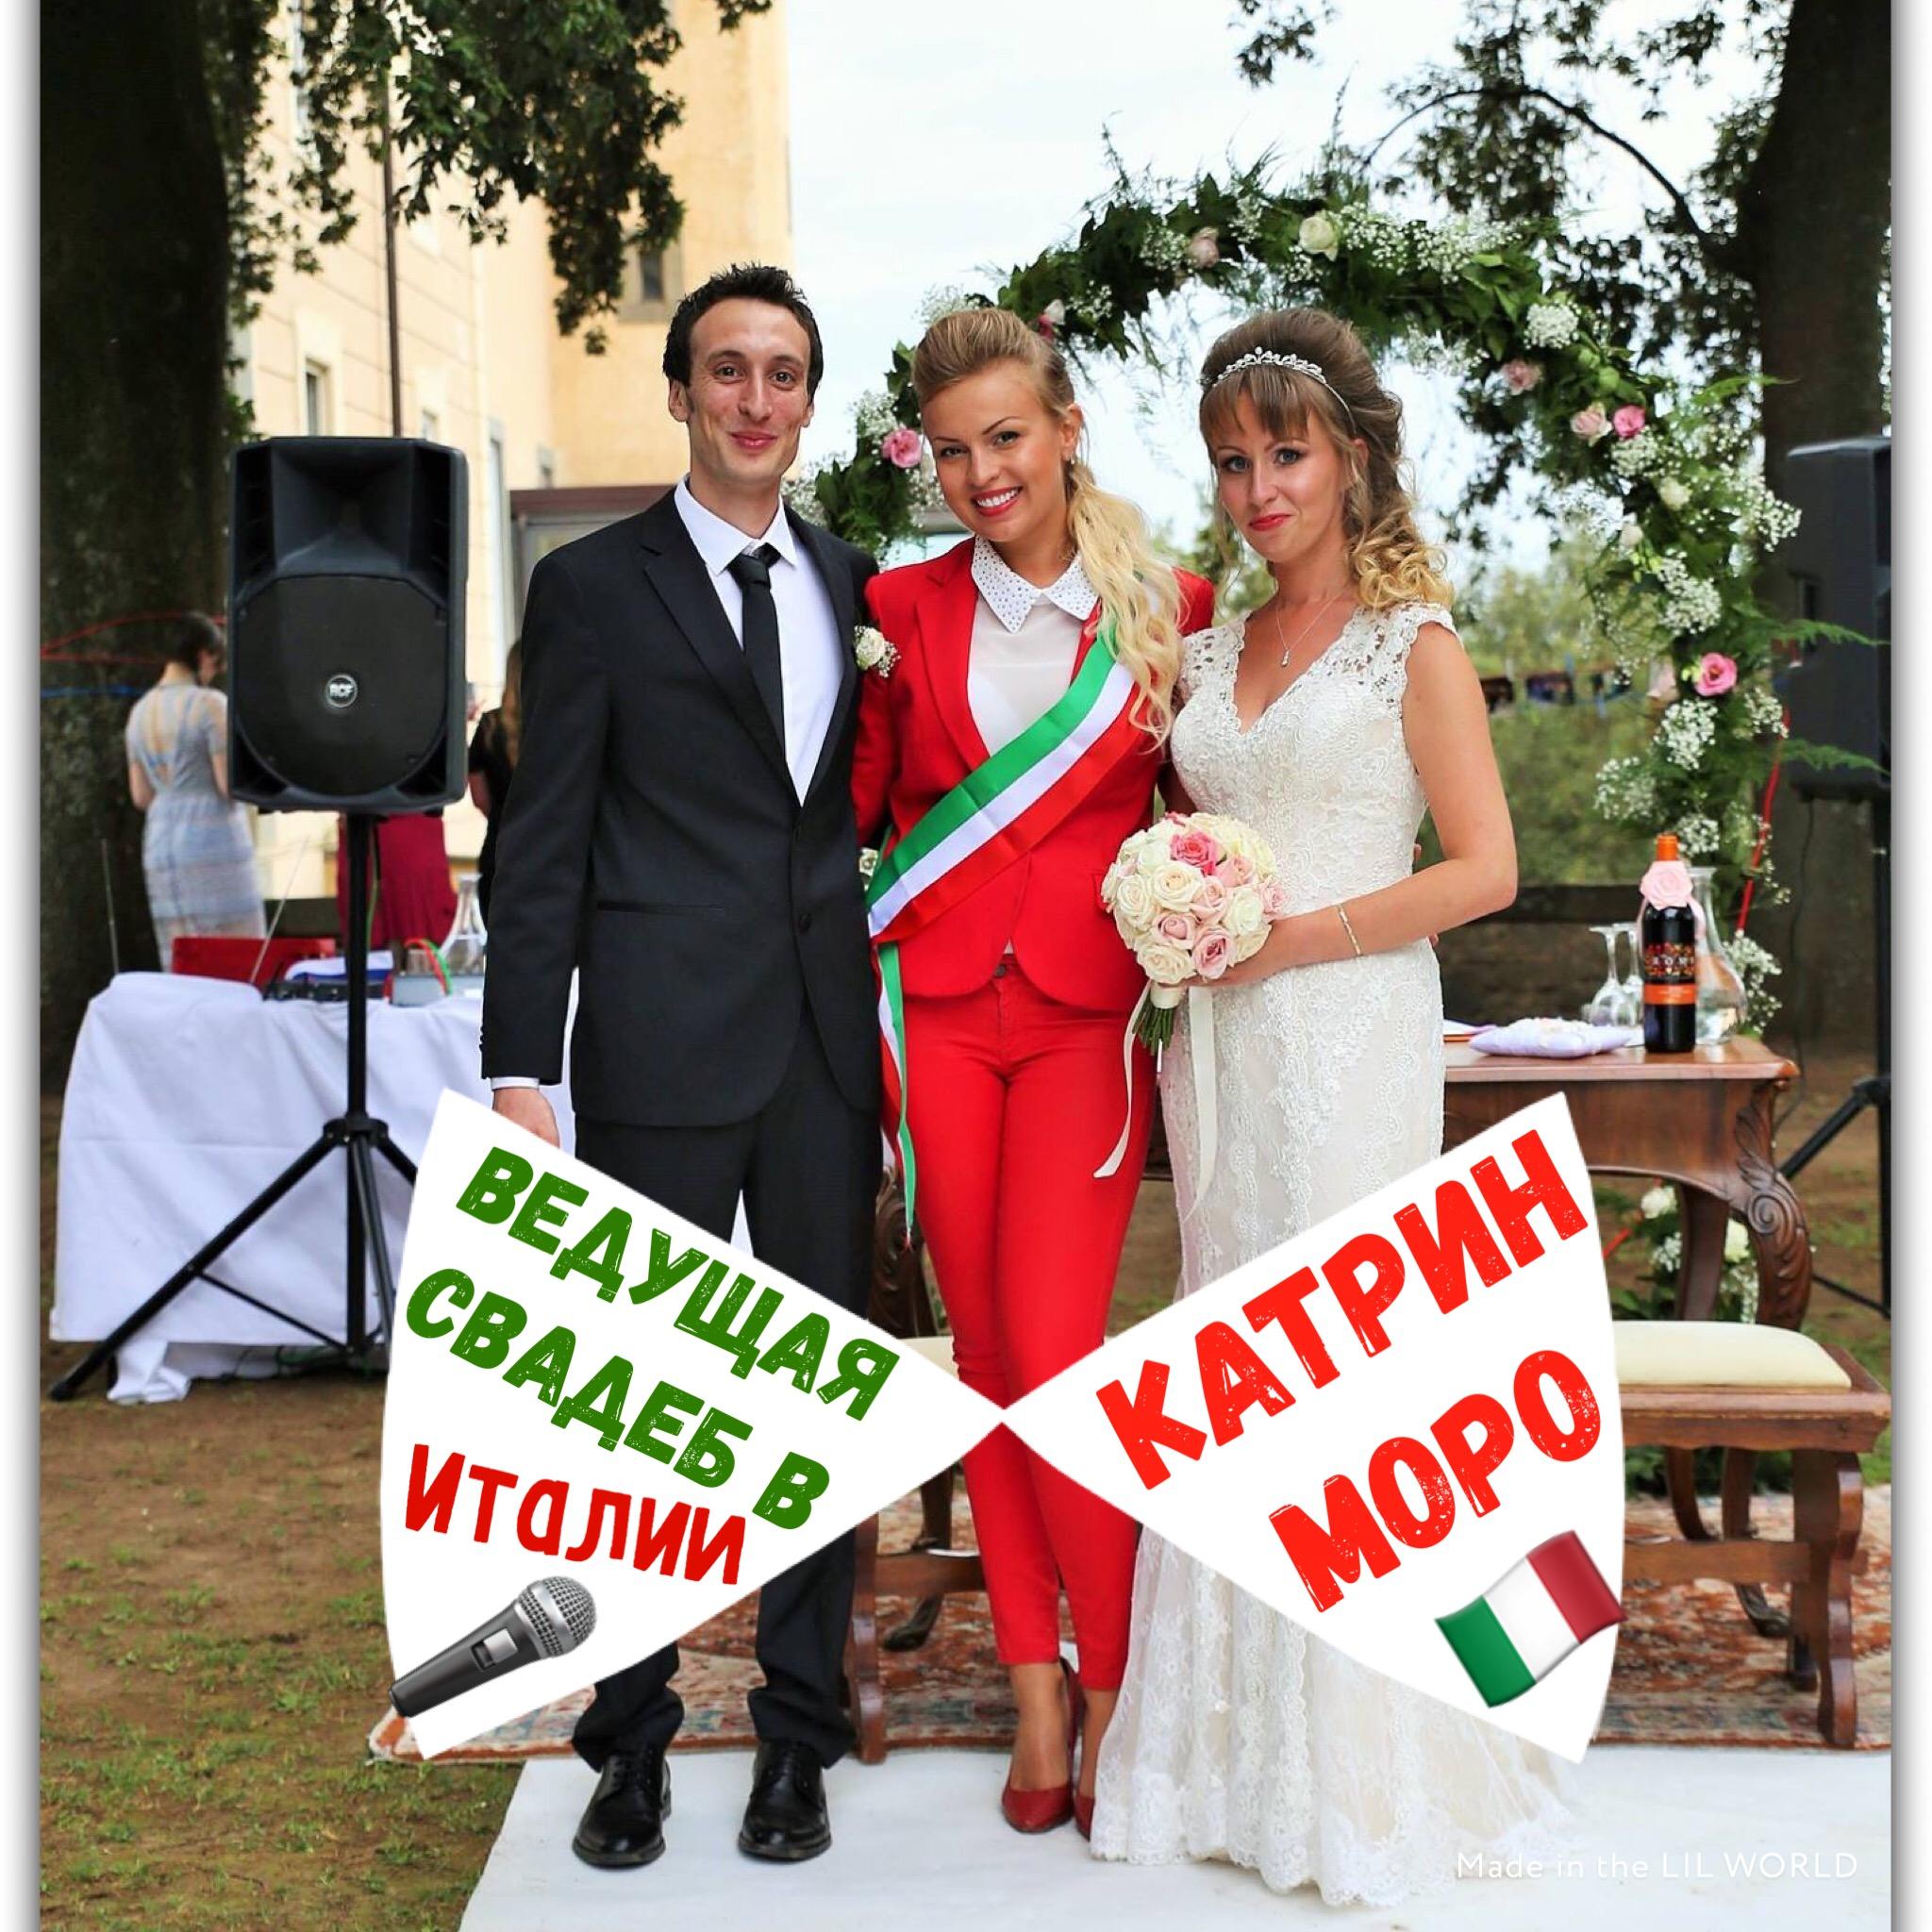 Фото 1 свадьба на вилле в Италии | Элеонора и Фабио | ведущая свадьбы в Италии - Катрин Моро